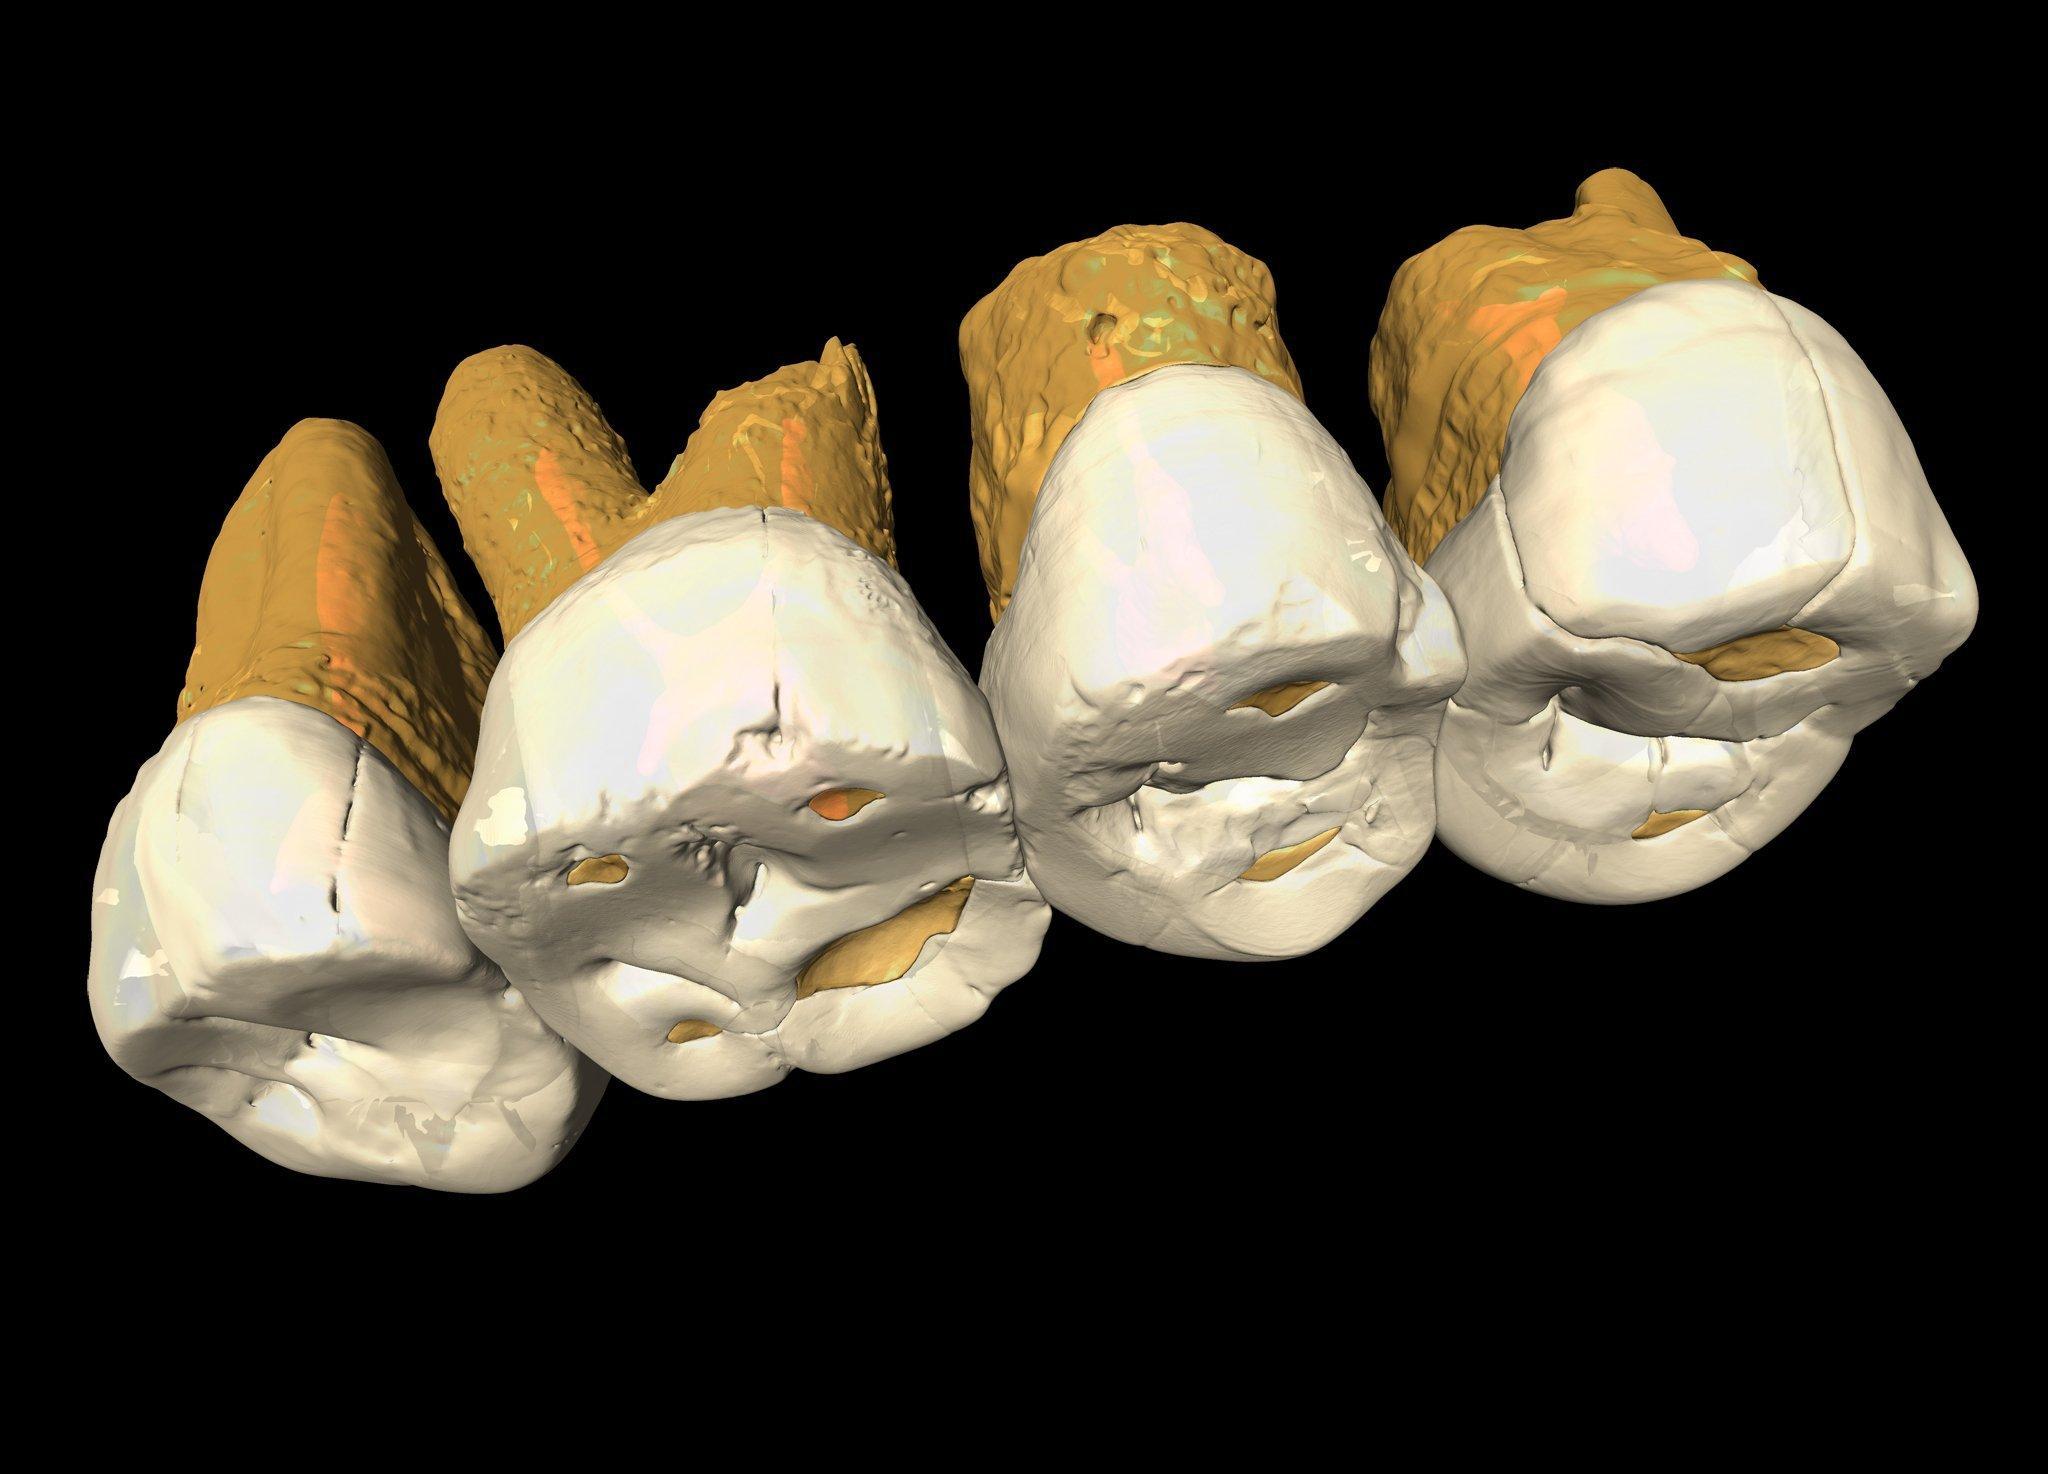 Auf dem Bild ist ein CT-Scan der Zähne von Homo luzonensis zu sehen. An der anatomischen Beschaffenheit der Zähne erkennen Paläoanthropologen eine Kombination von Merkmalen, wie sie bei keiner anderen Menschenart vorkommt